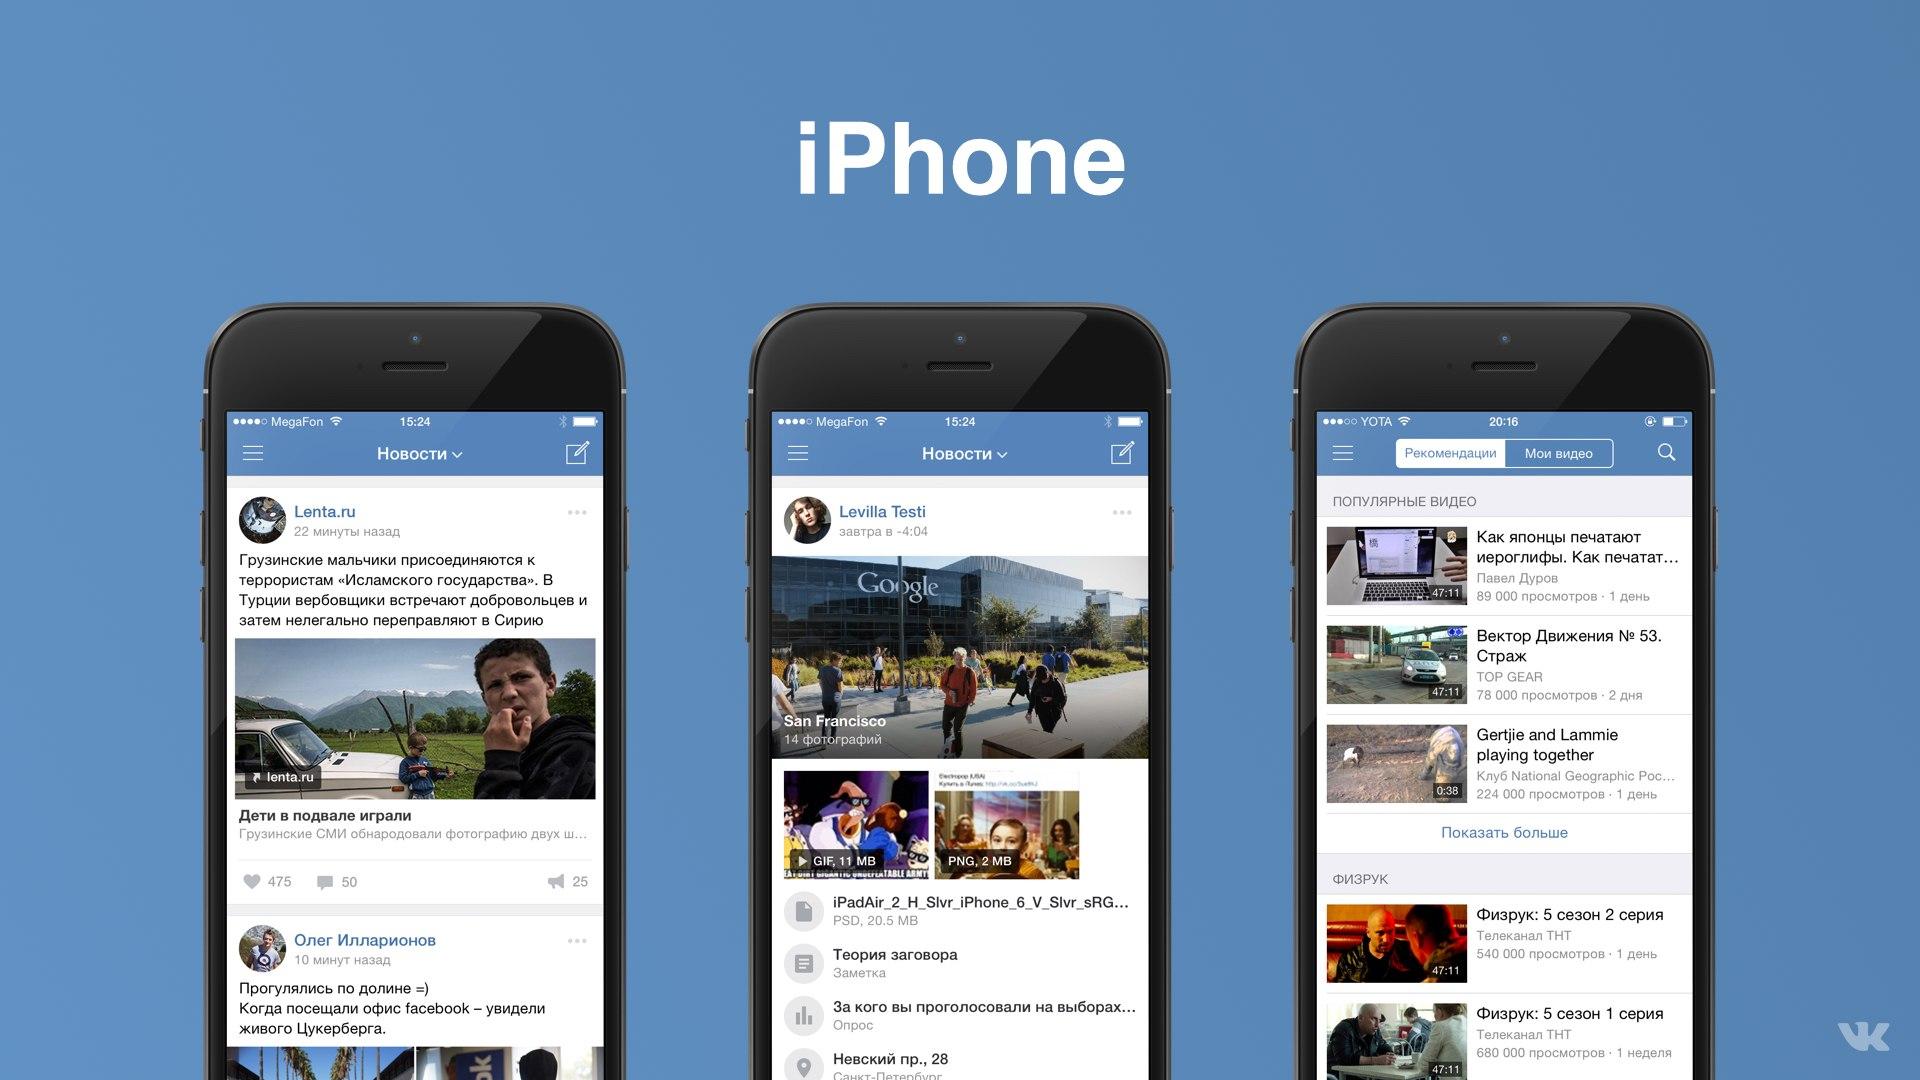 Как сделать фон для в айфоне